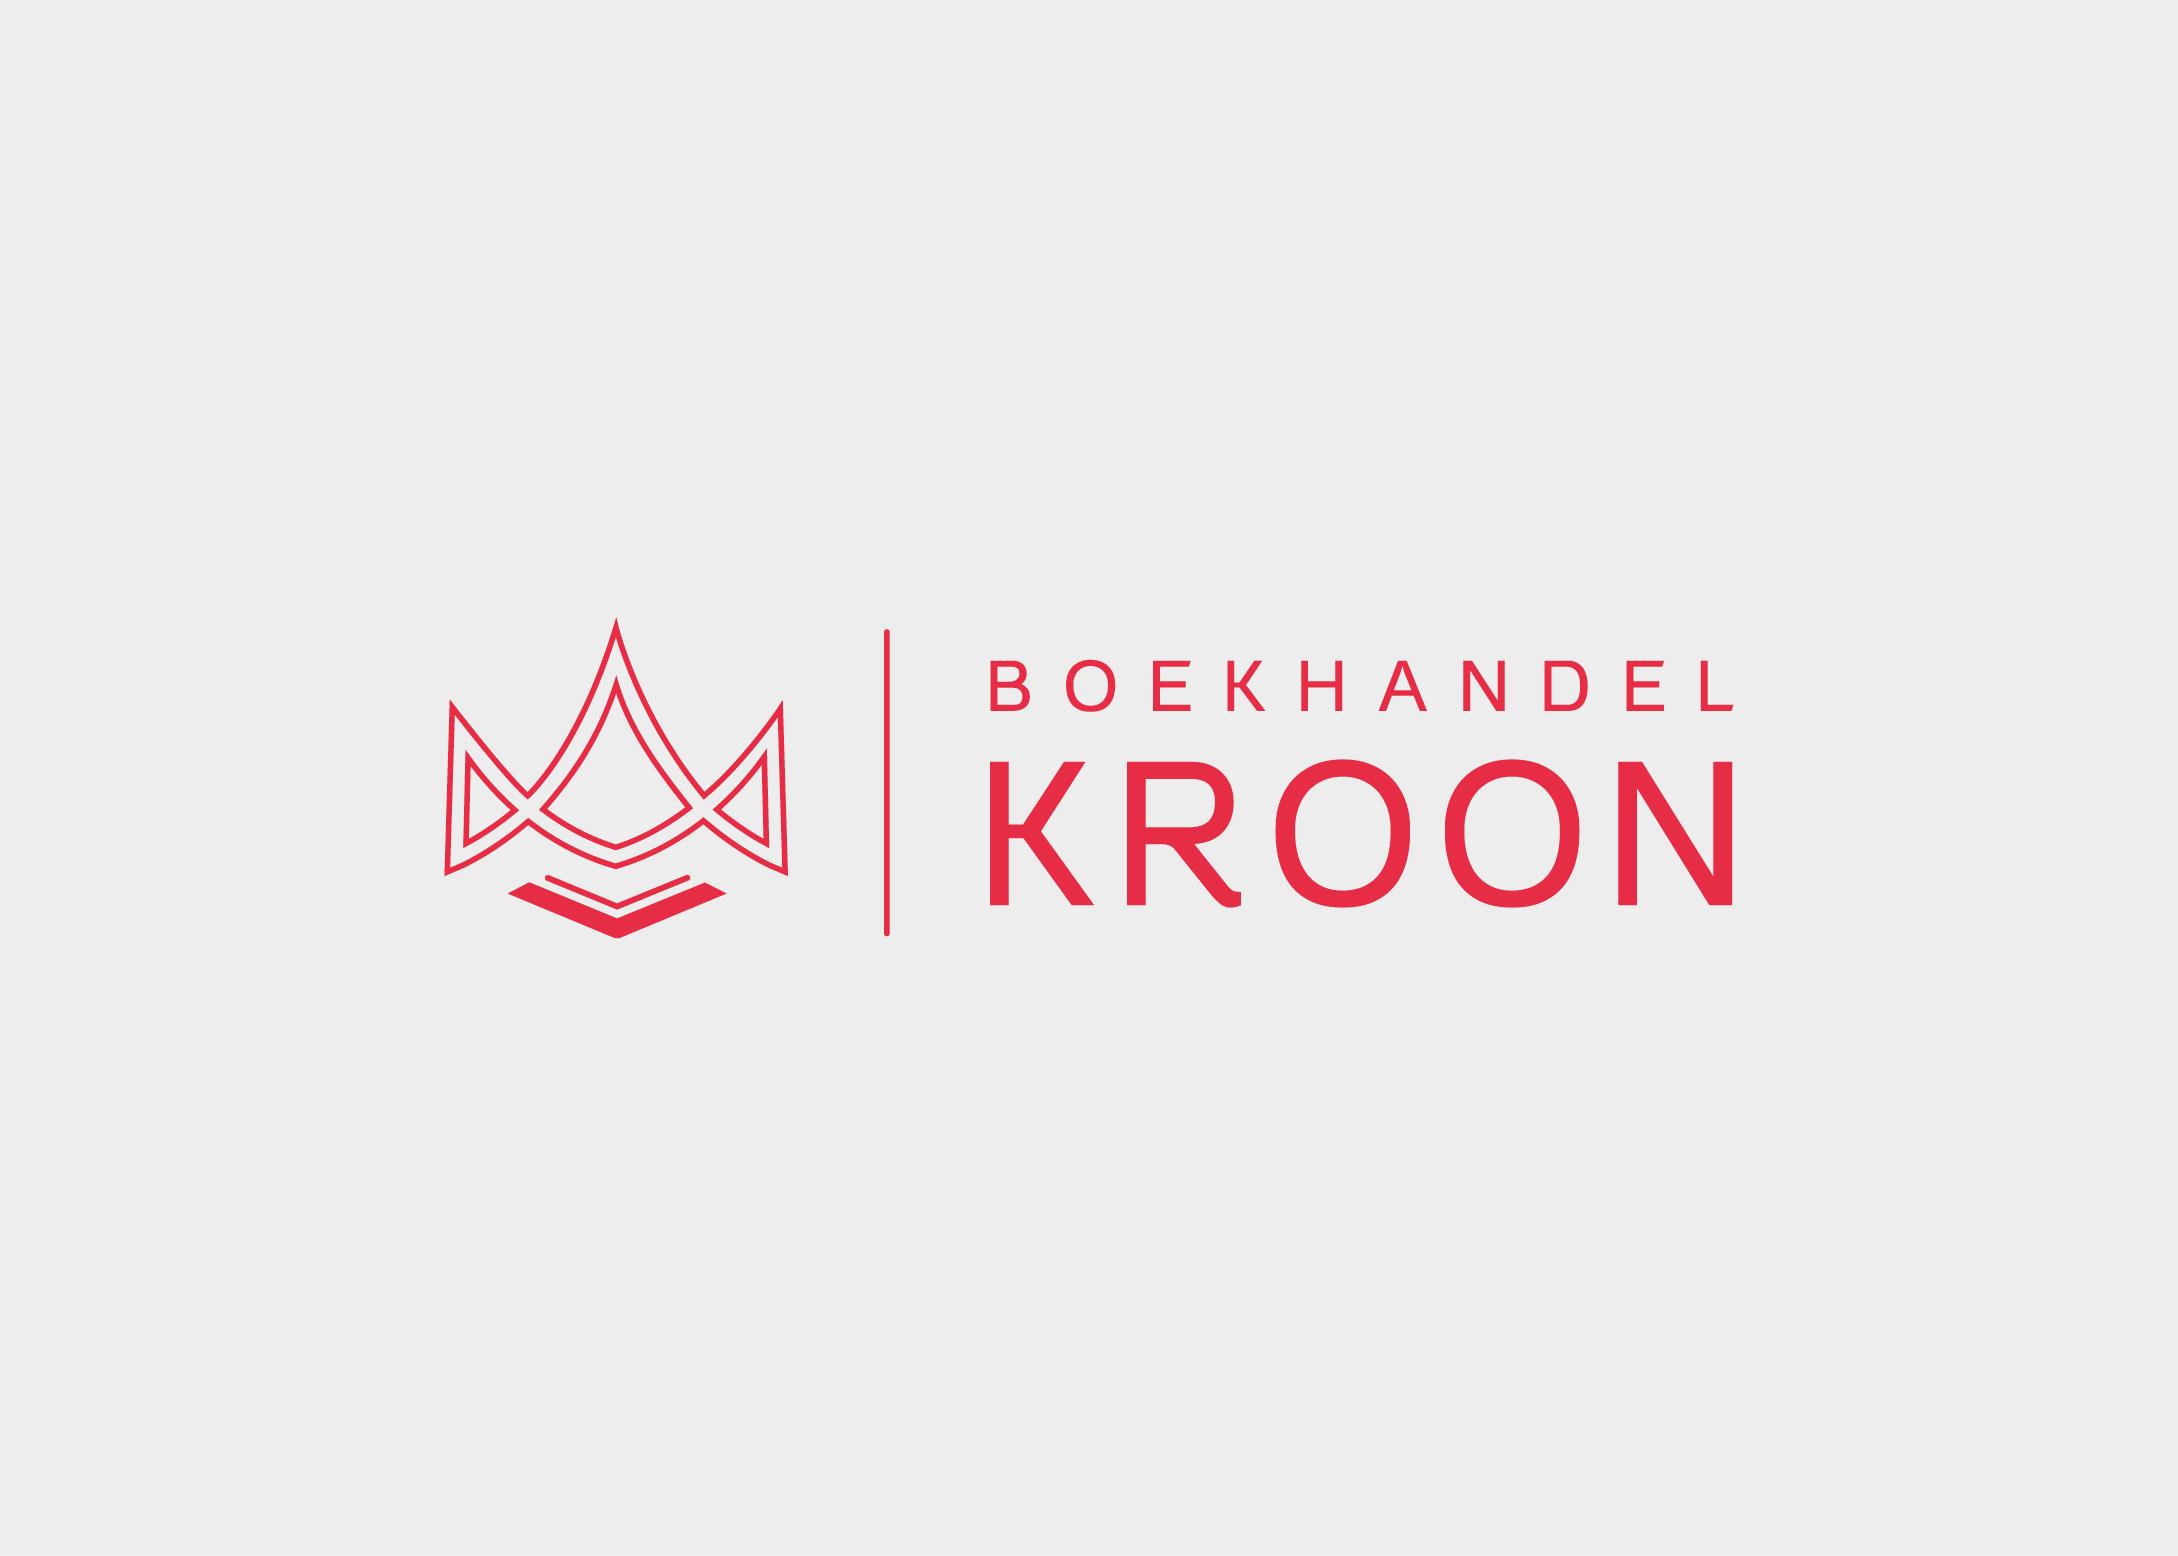 Logo boekhandel ontwerp laten maken Burowit reclamebureau kampen Thirza Bakker David van der Toorn